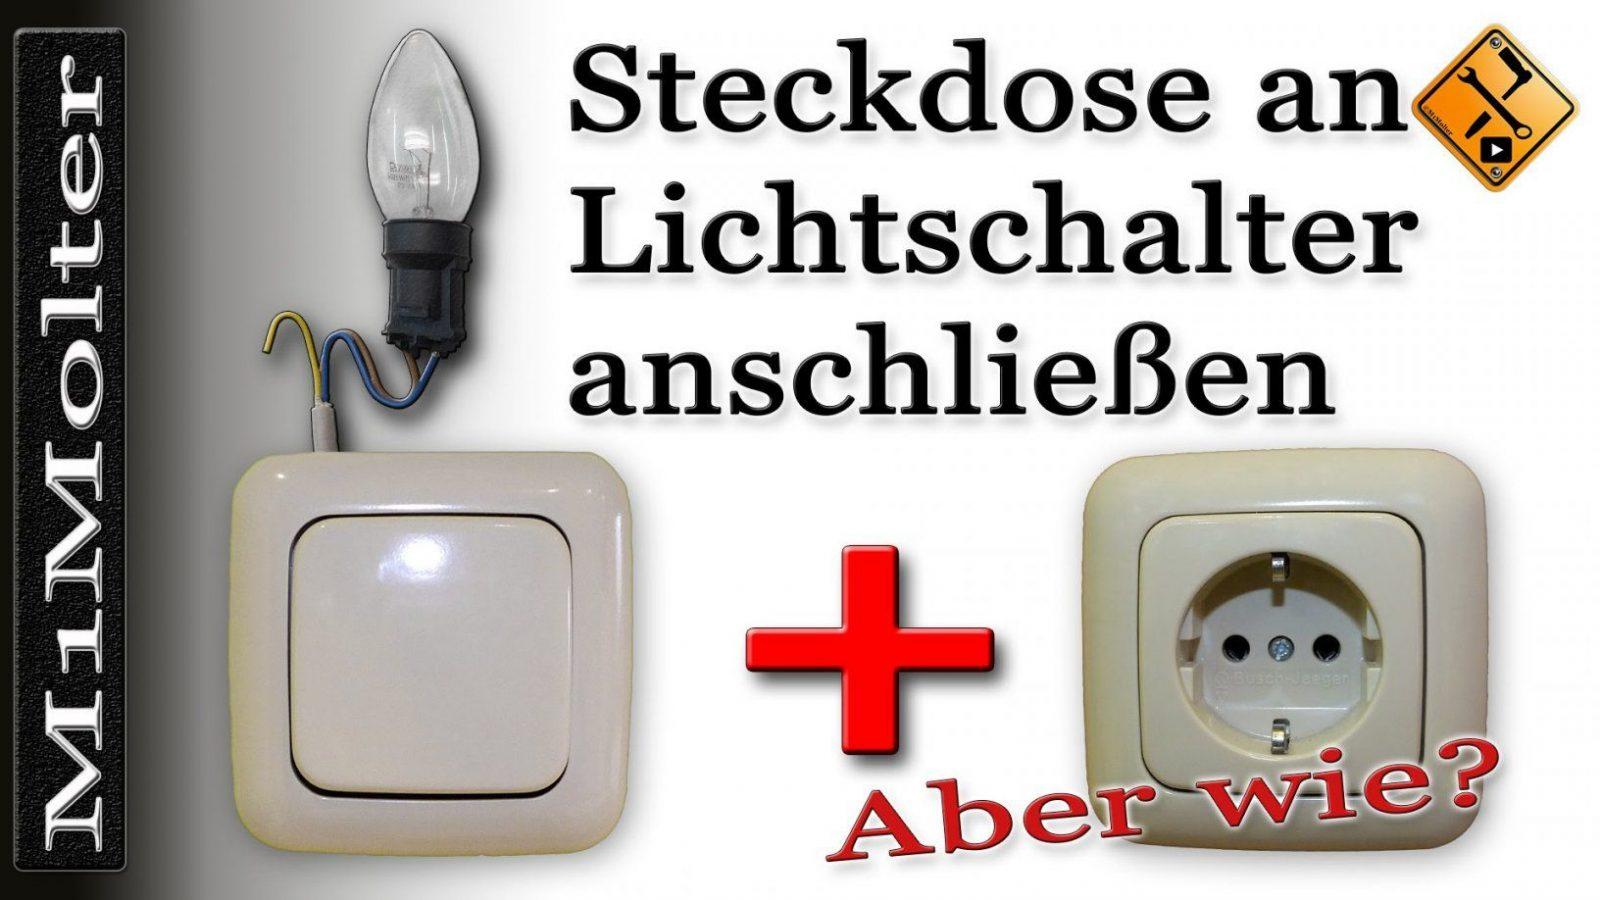 Steckdose An Lichtschalter Anschließen  Von M1Molter  Youtube von Steckdose An Lichtschalter Anklemmen Photo